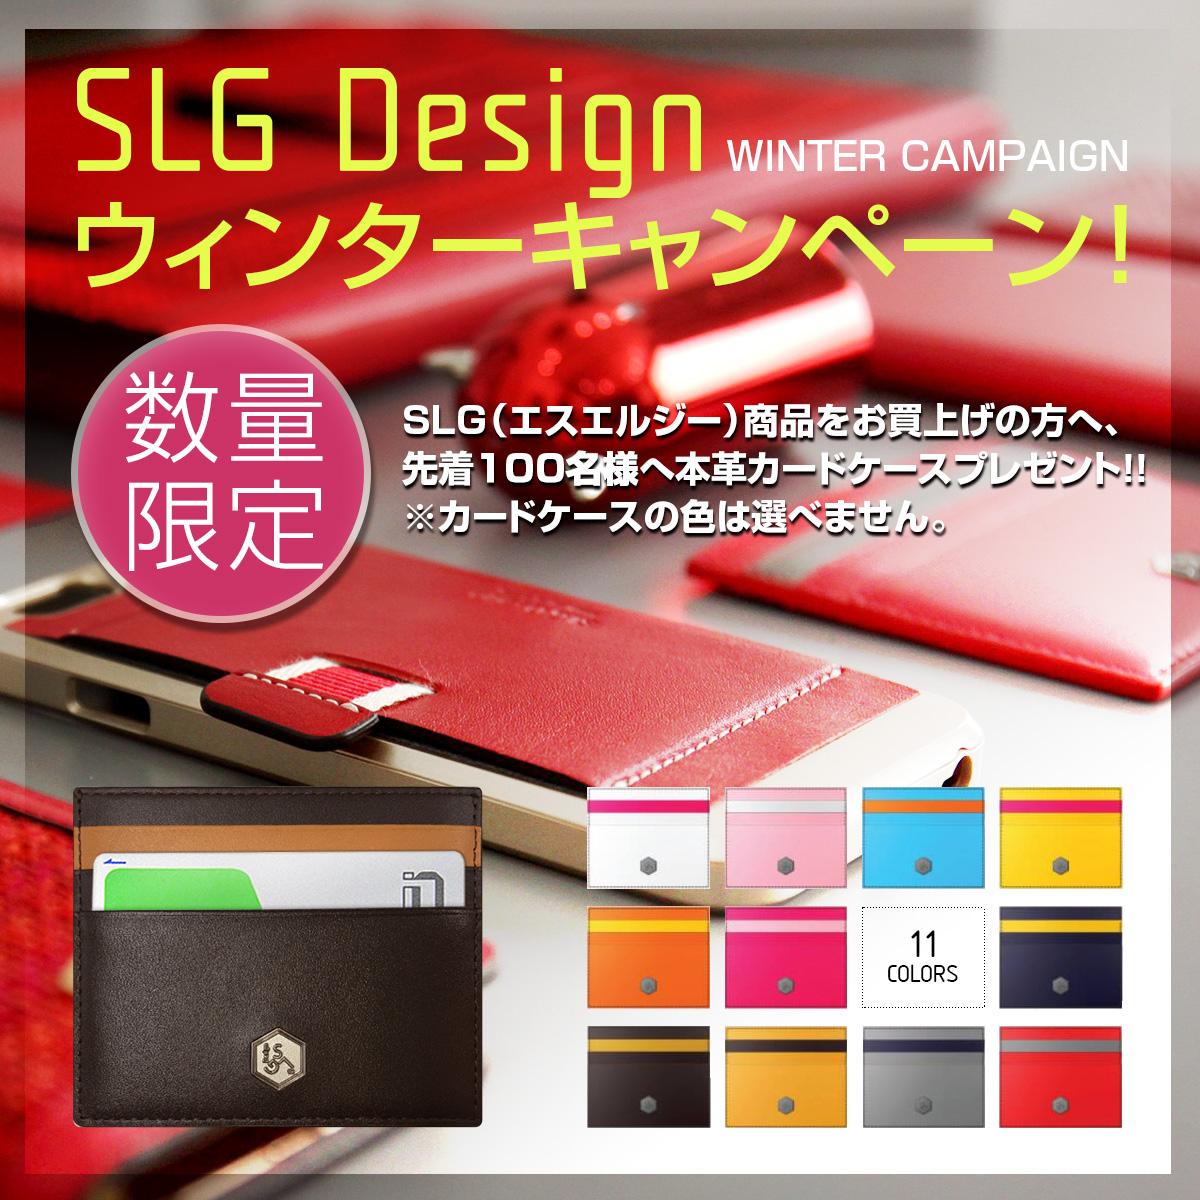 モバイルケースブランド、SLG Designウィンターキャンペーン開催!